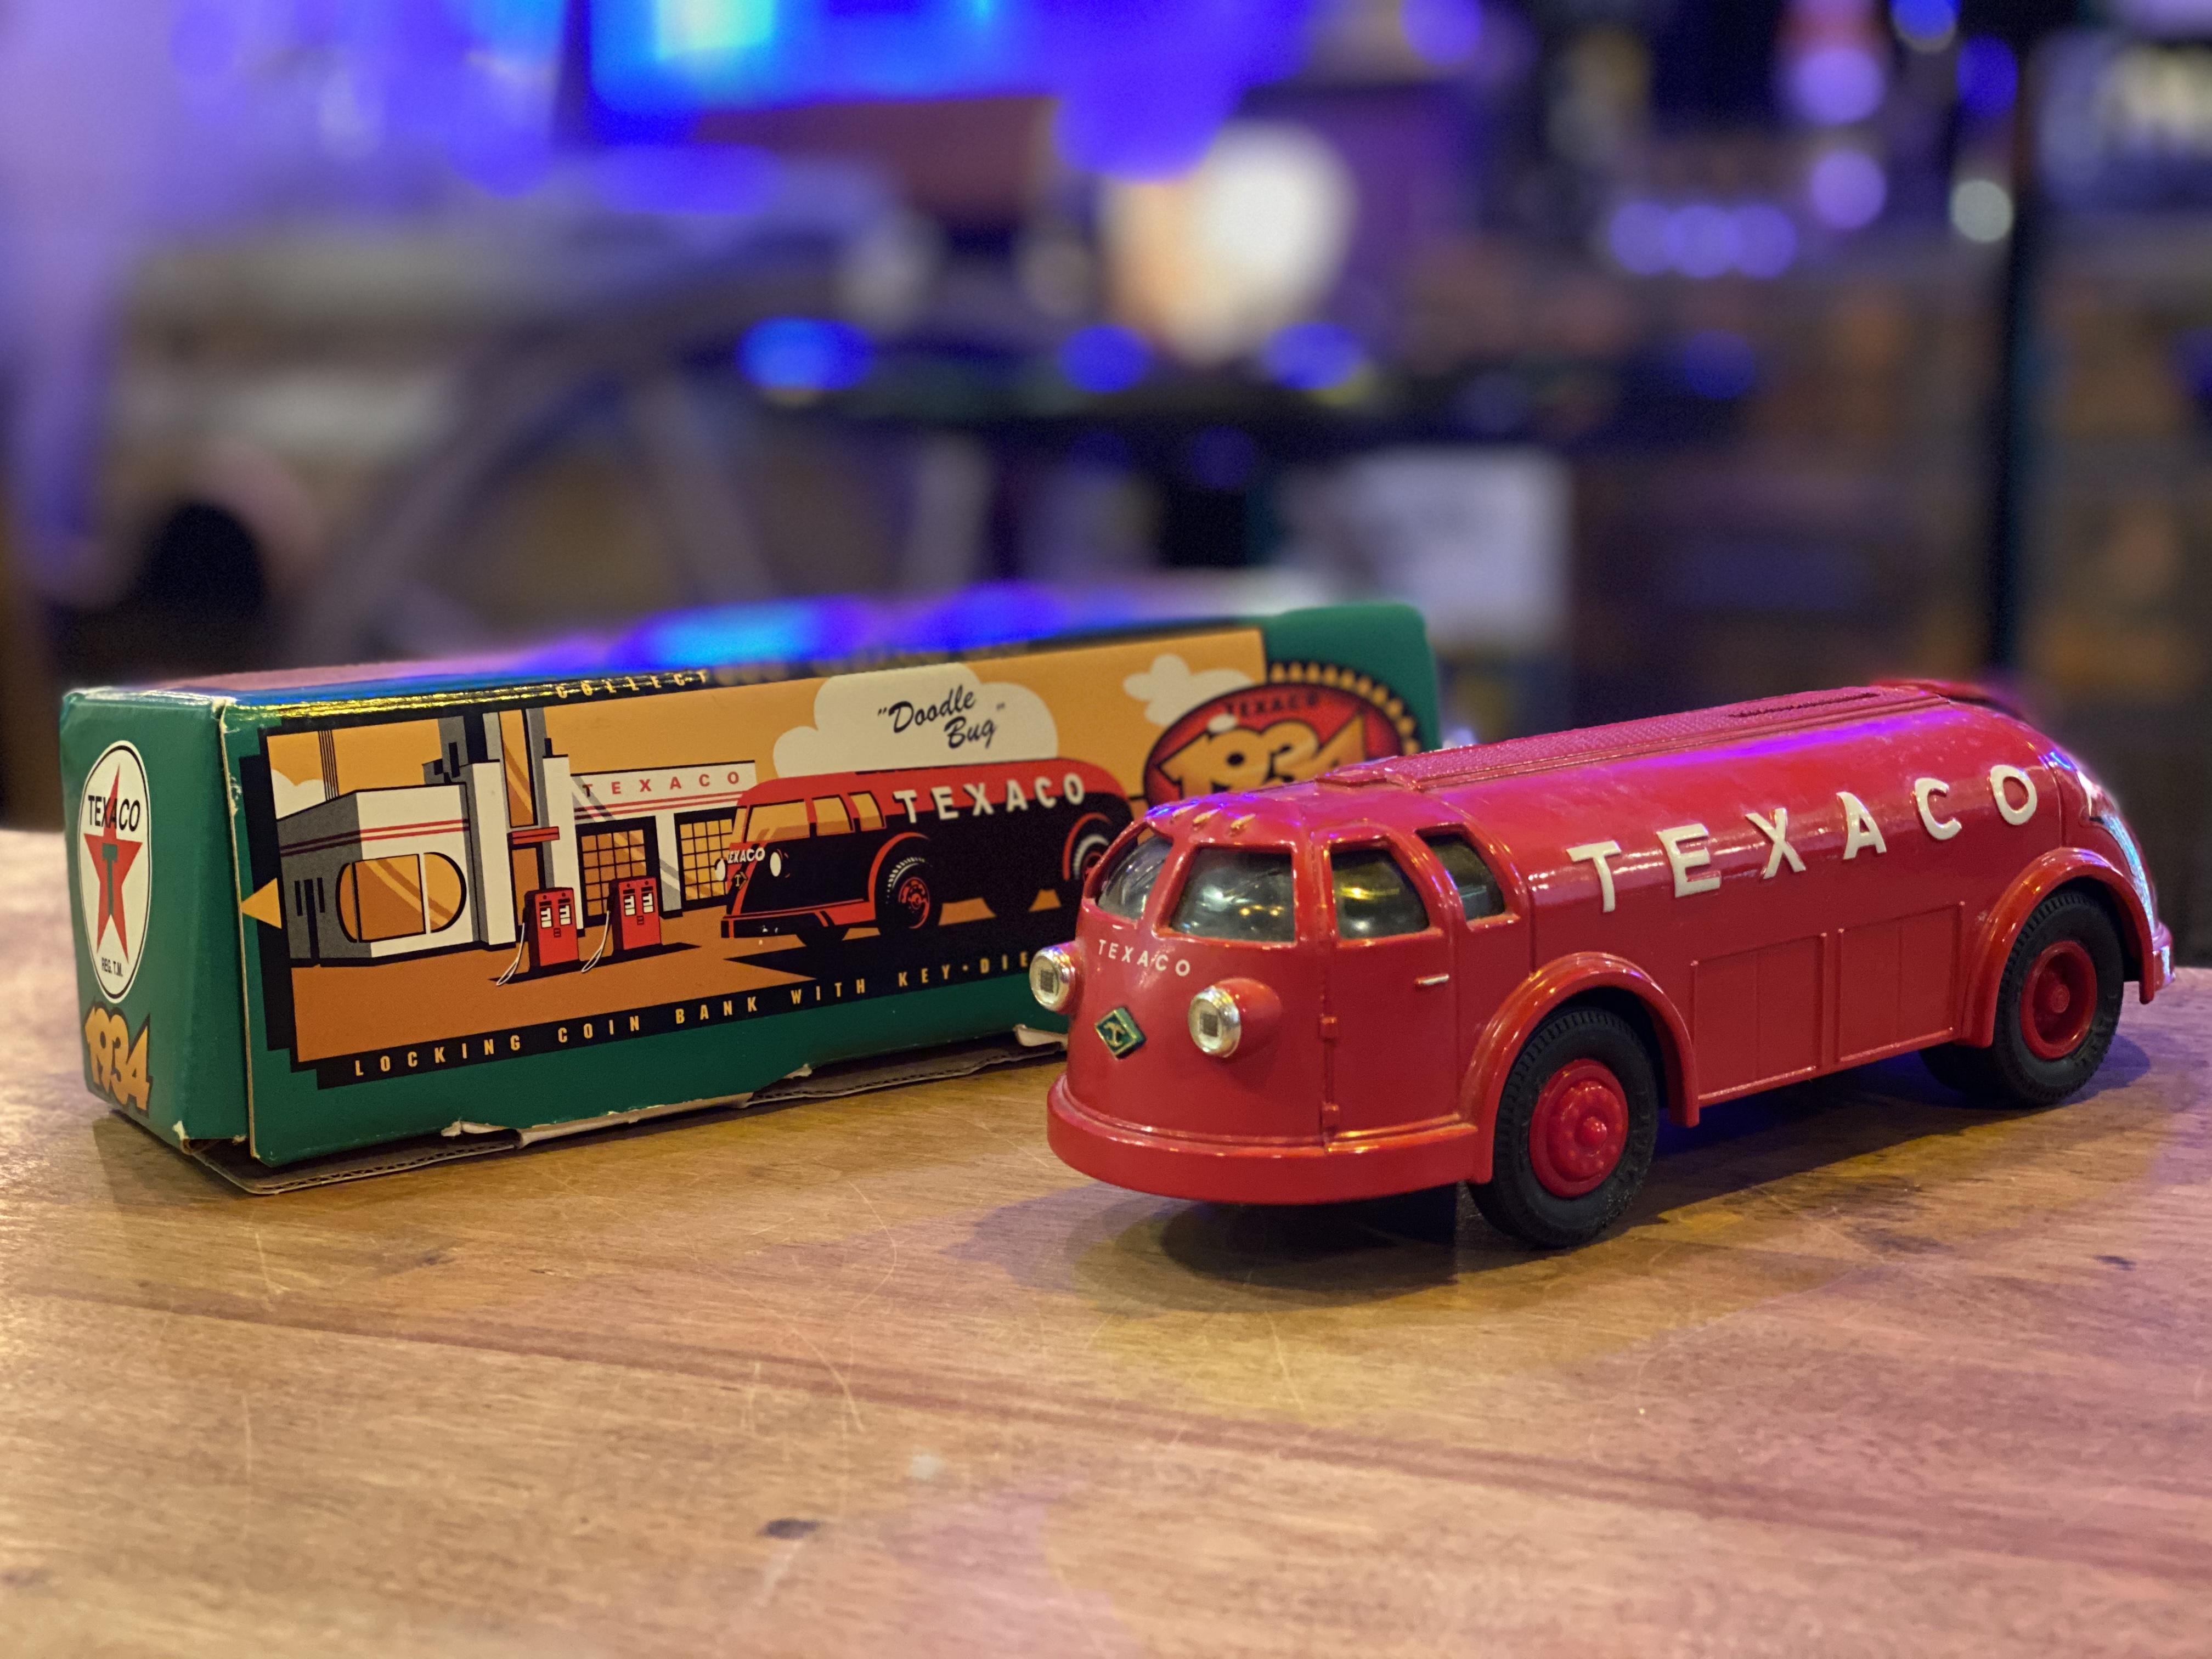 品番3548 1/38スケール ERTL 1934年 ダイヤモンドT テキサコ タンカー トラック 1994 EDITION #11 元箱付 貯金箱 コインバンク  ダイキャストカー 011